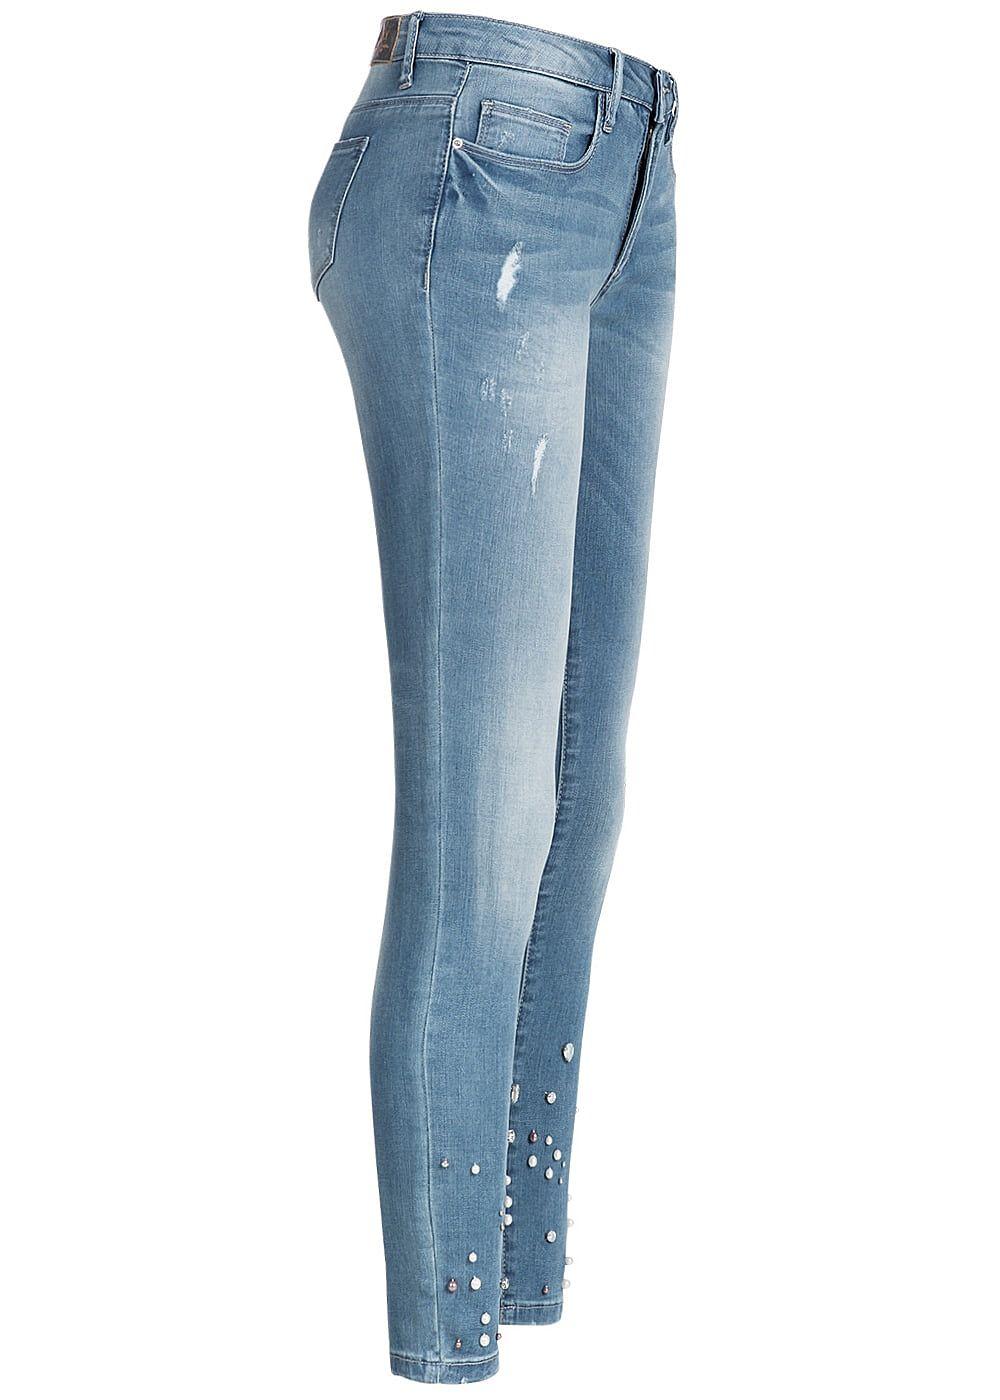 only damen jeans hose deko perlen unten 5 pockets crash. Black Bedroom Furniture Sets. Home Design Ideas